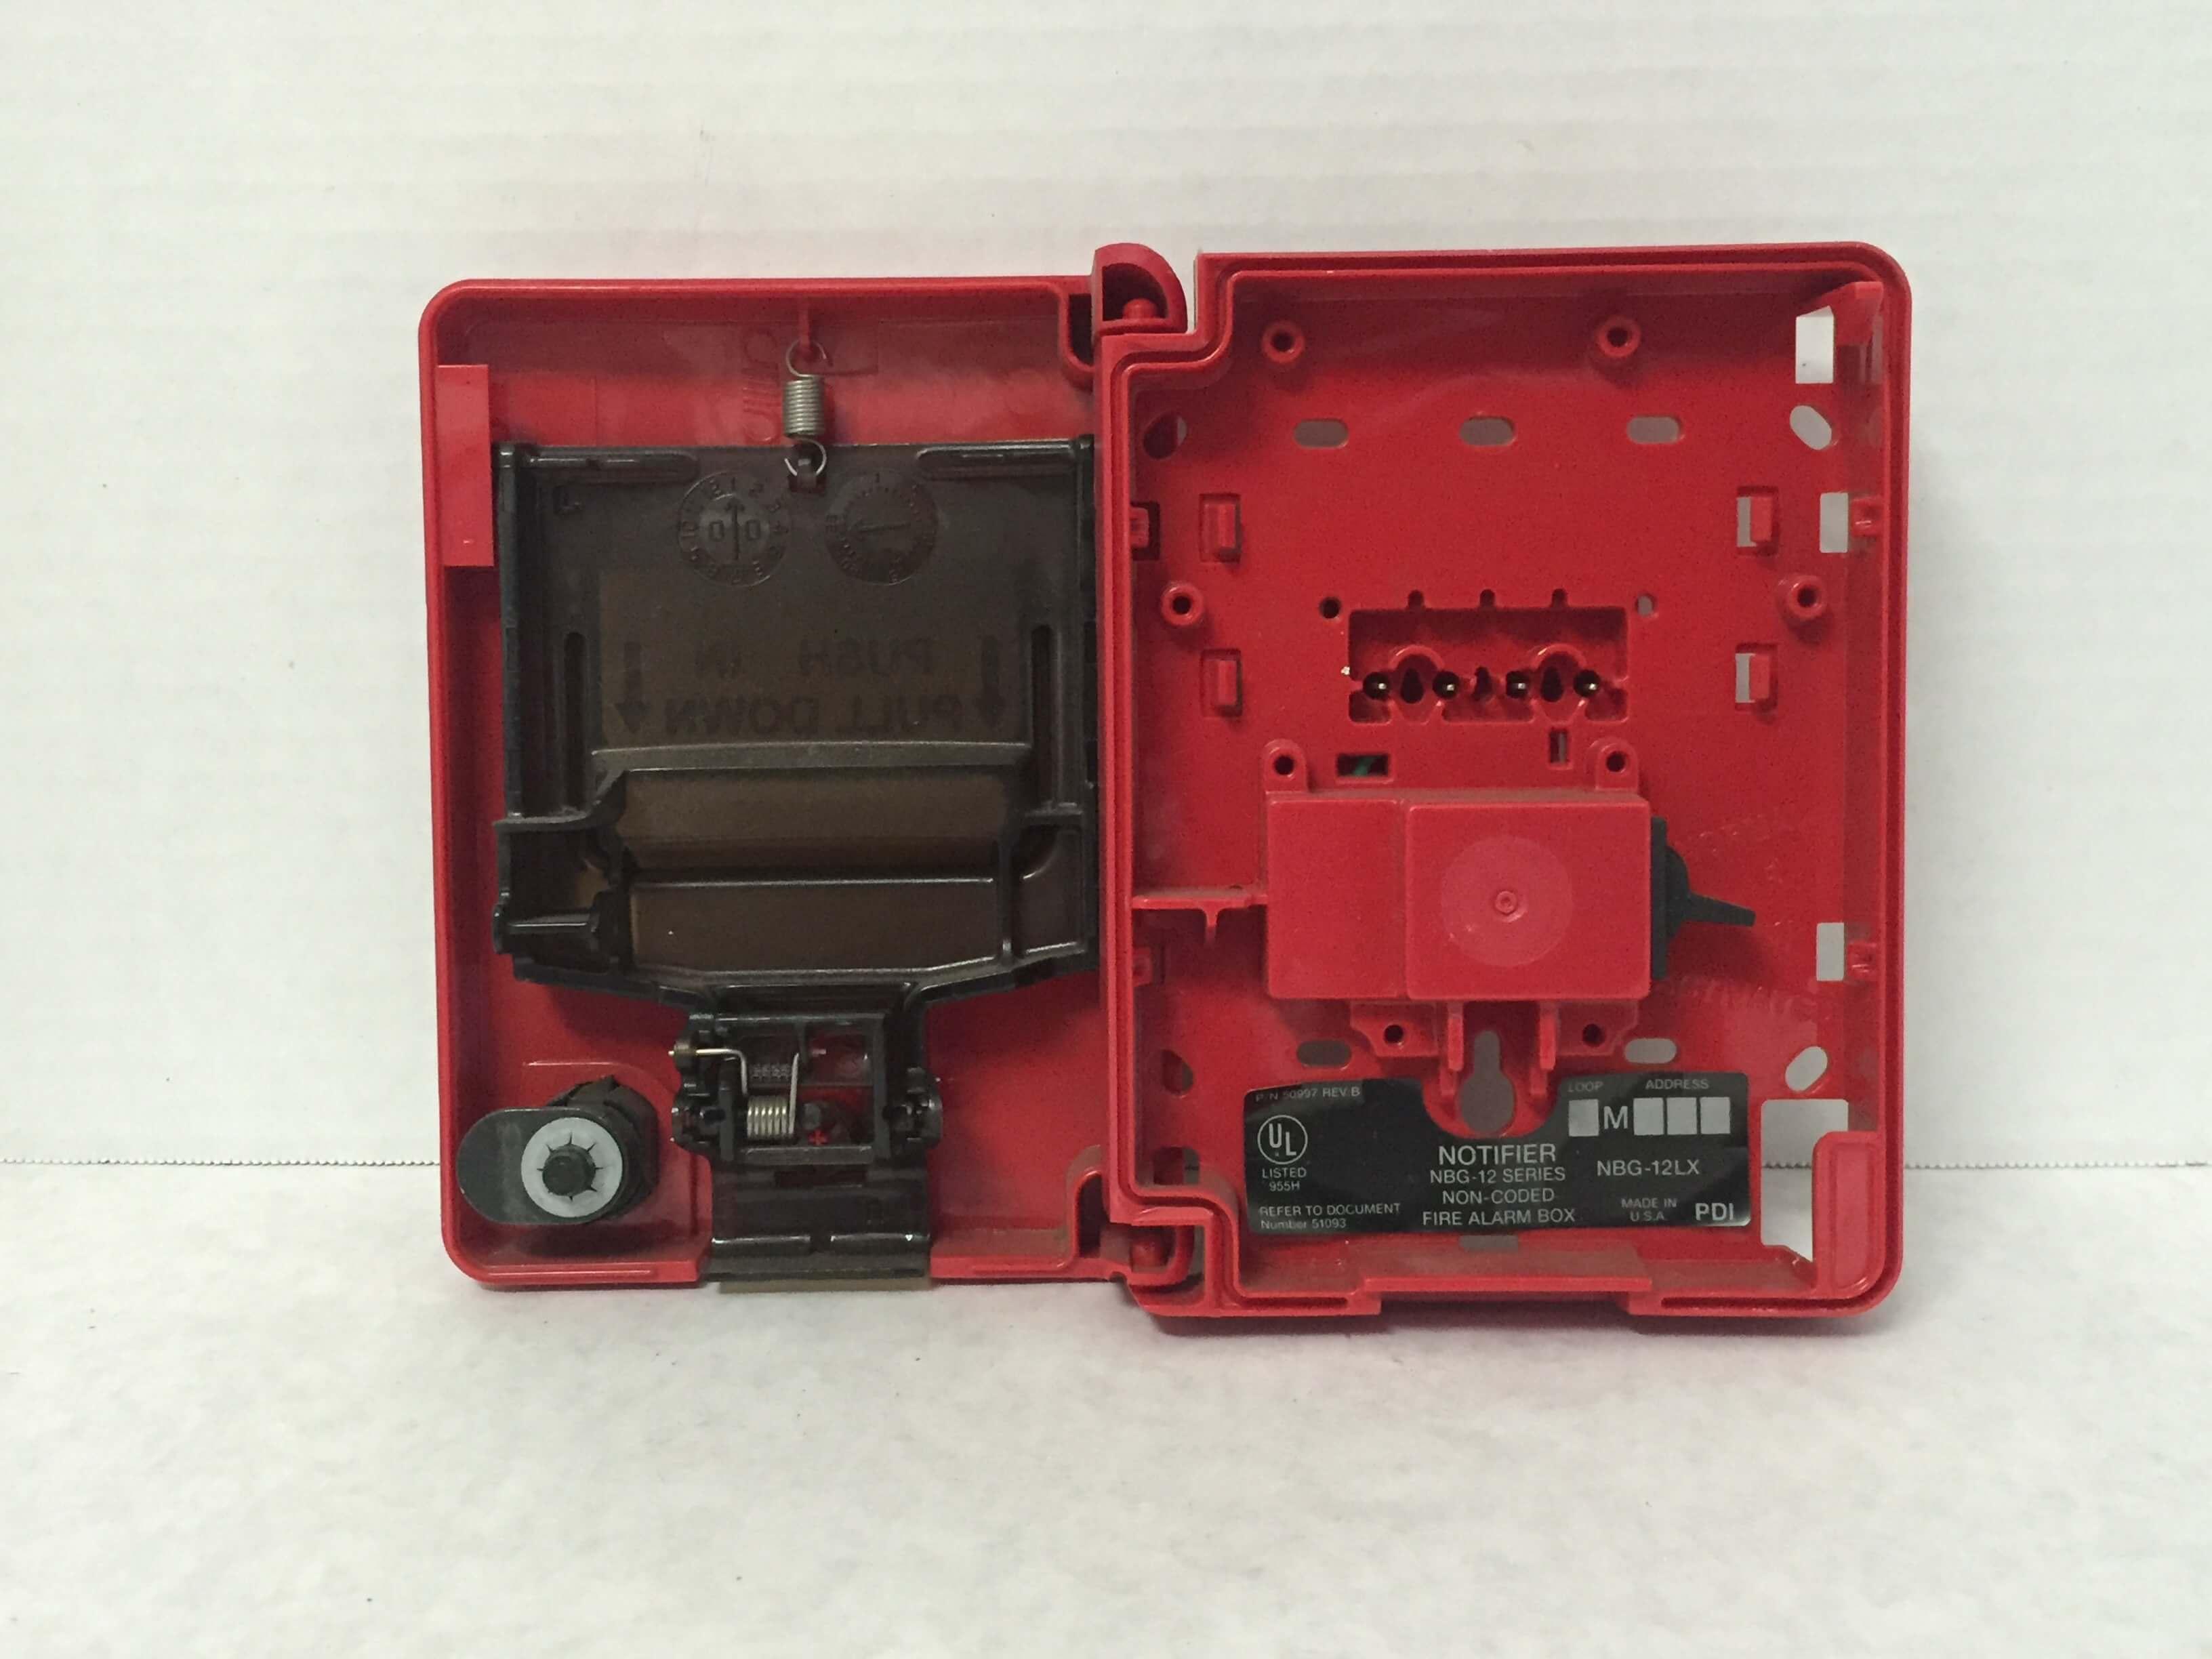 Key Notifier 12 Pull Station Bg